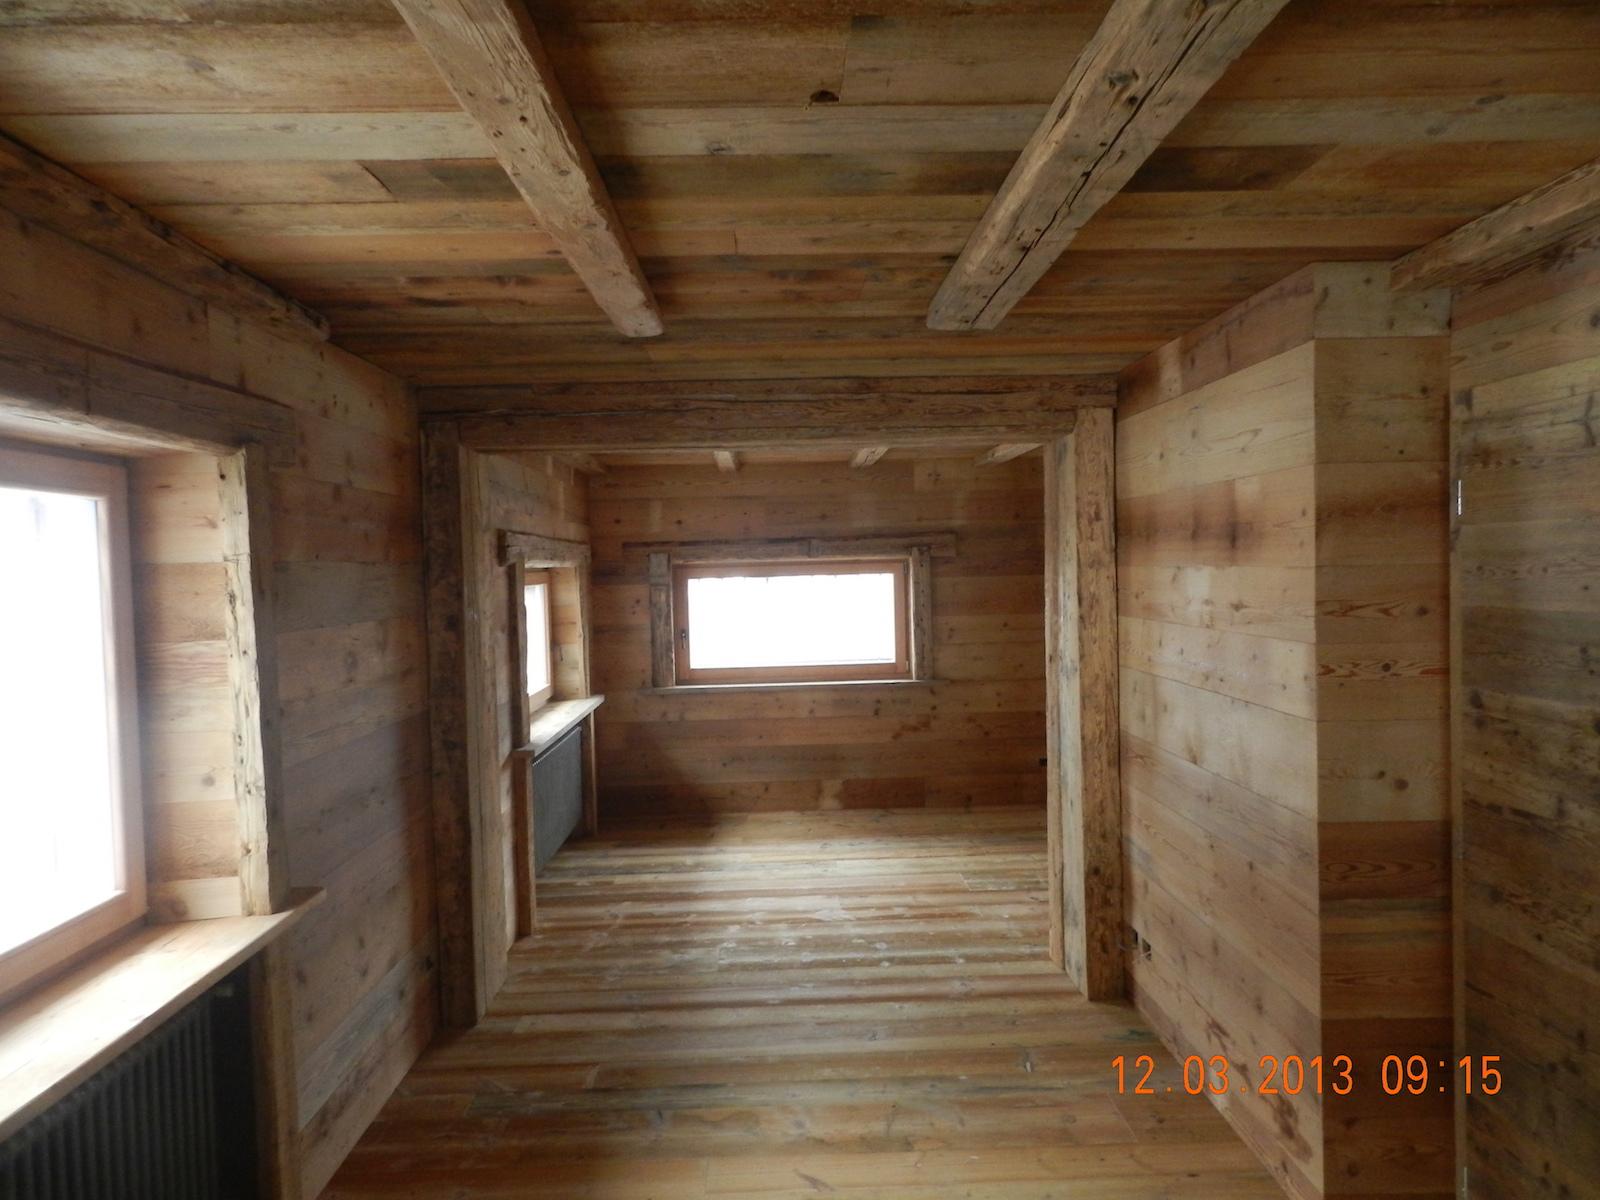 Foto pavimenti legno antico, fornitura e posa pavimenti - ROWER Trento  Rower Pavimenti